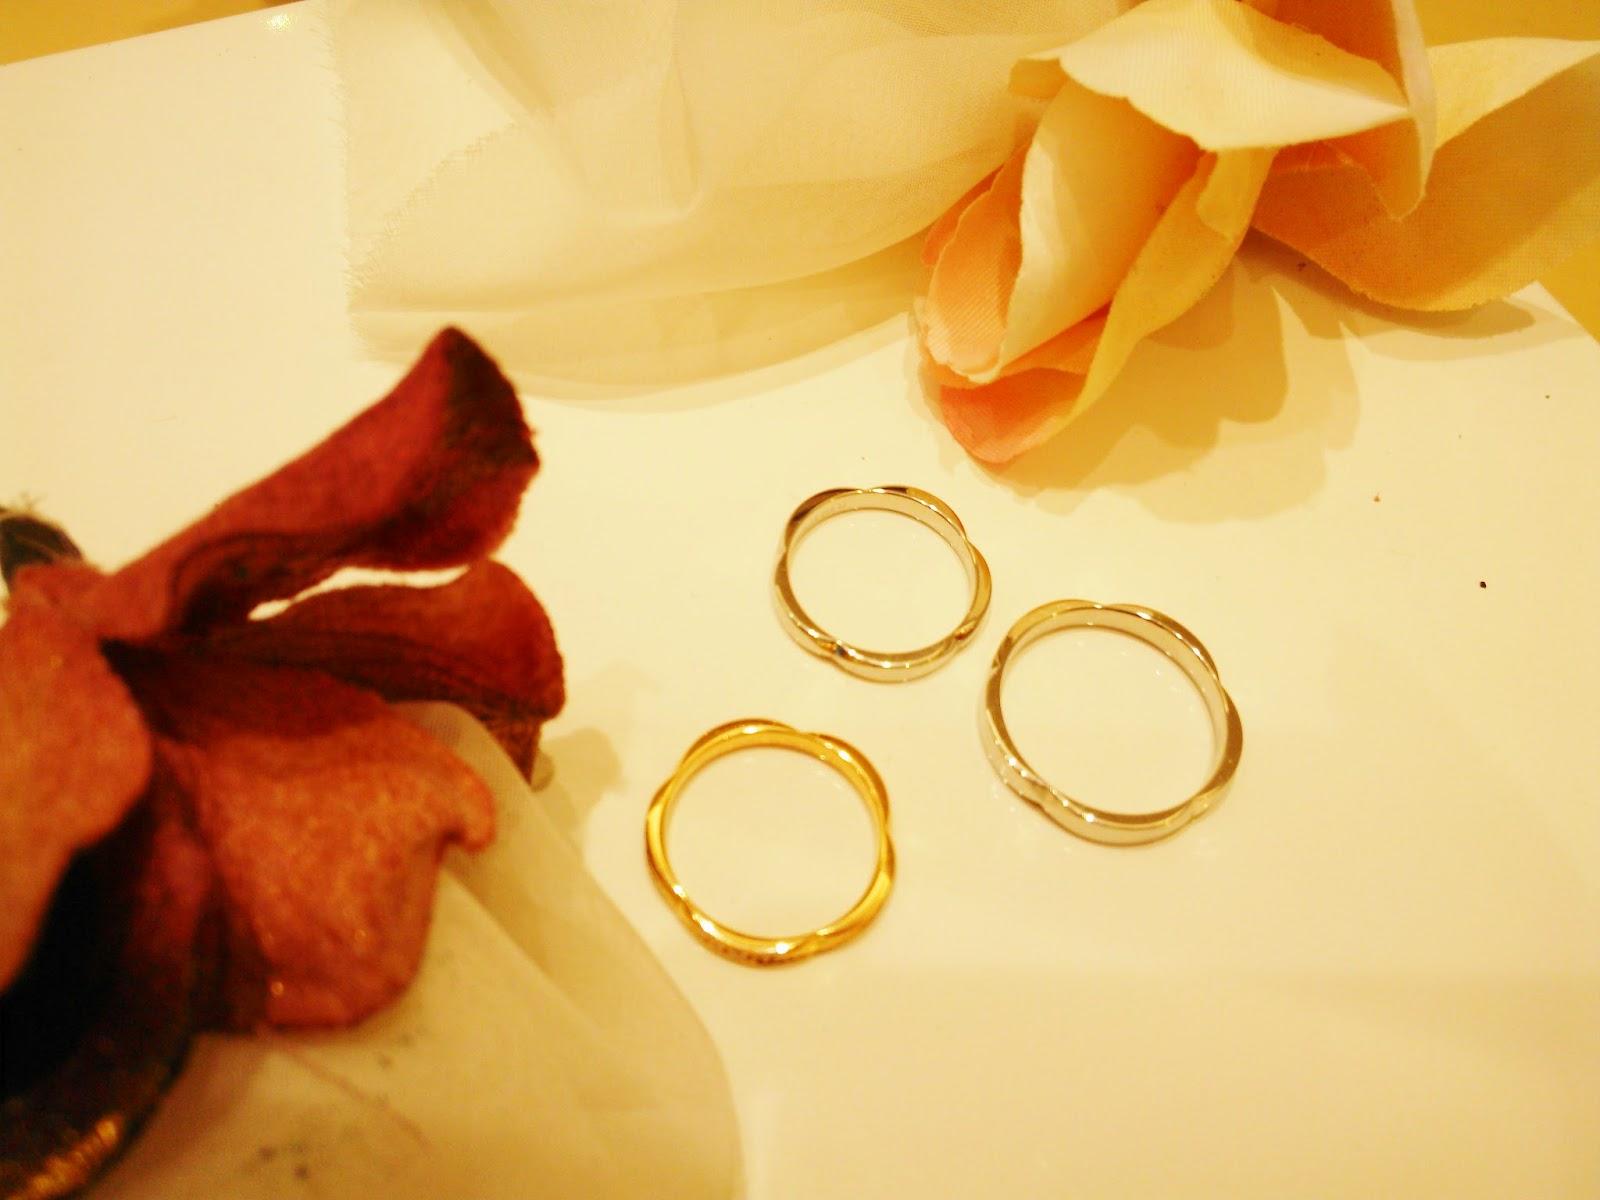 スイス FURRER JACOT フラージャコー 名古屋 結婚指輪 プラチナ ゴールド 桜 サクラ sakura 結婚